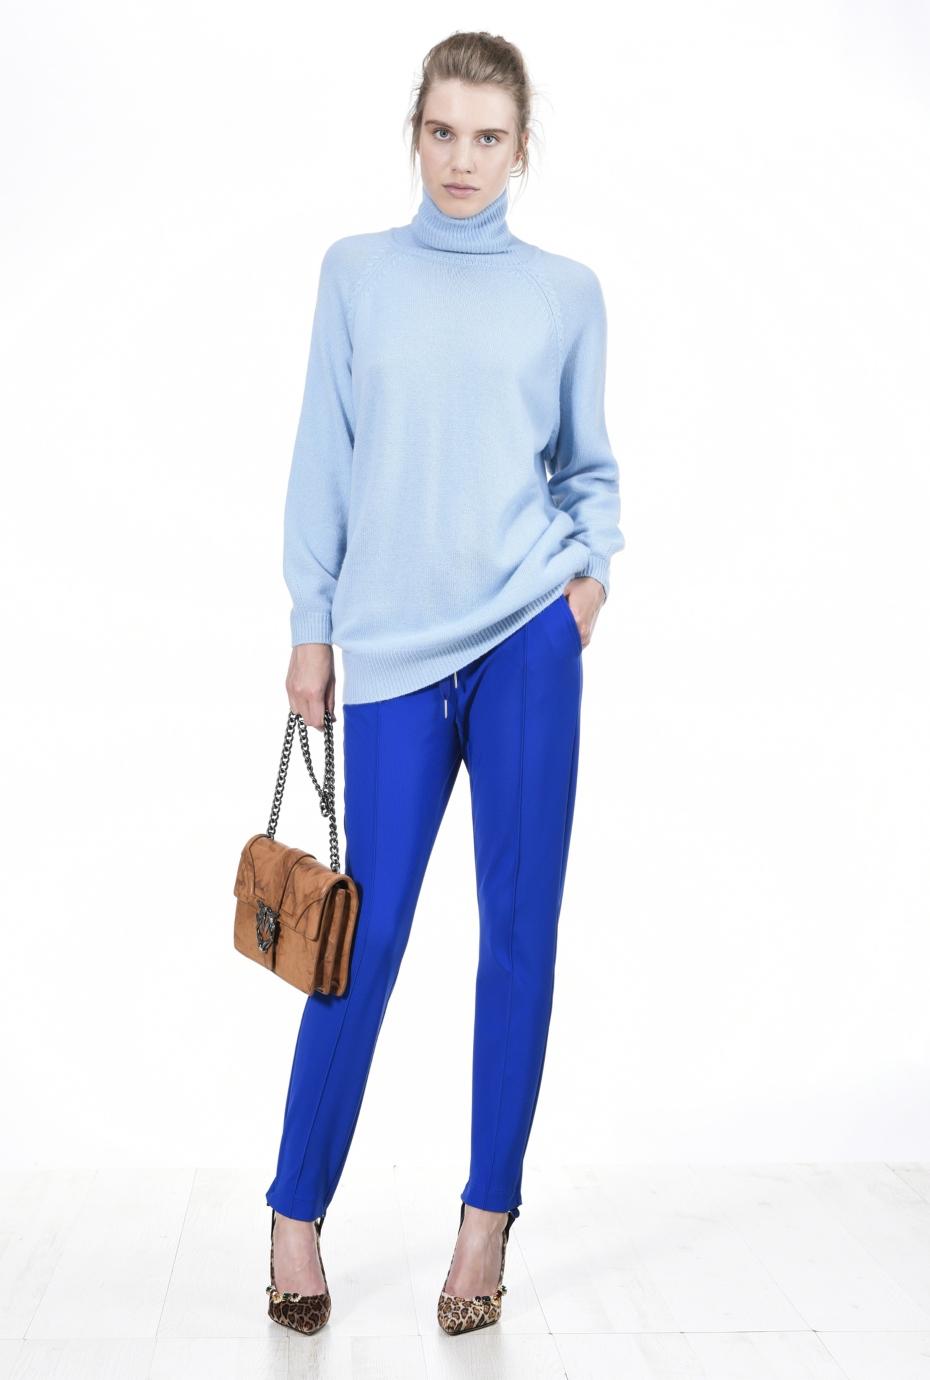 Maglioncino azzurro